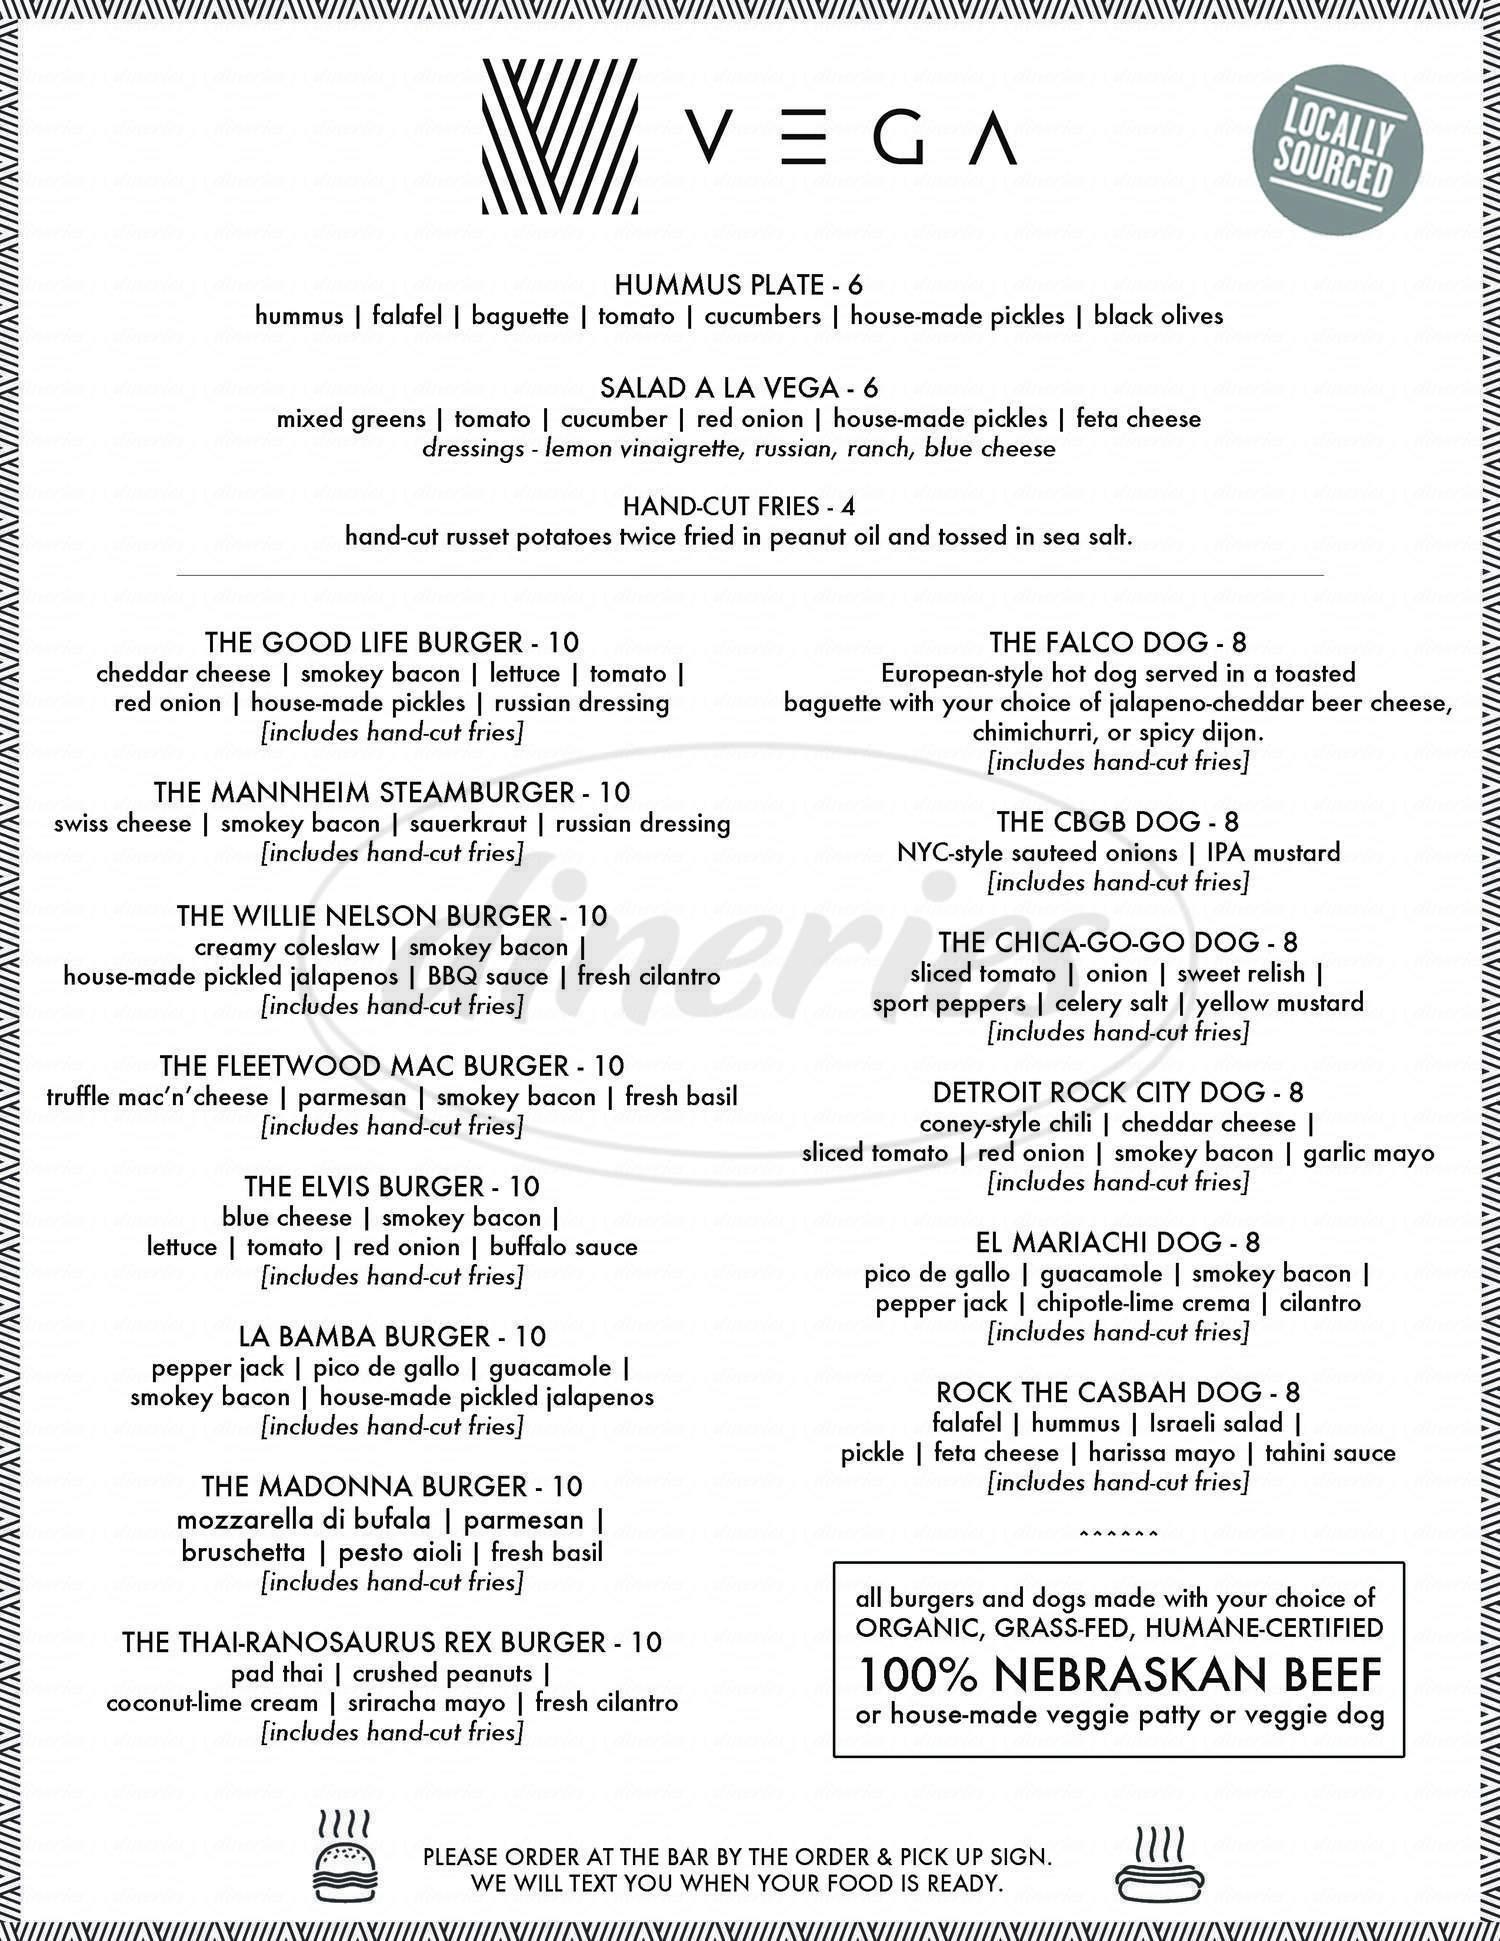 menu for Vega